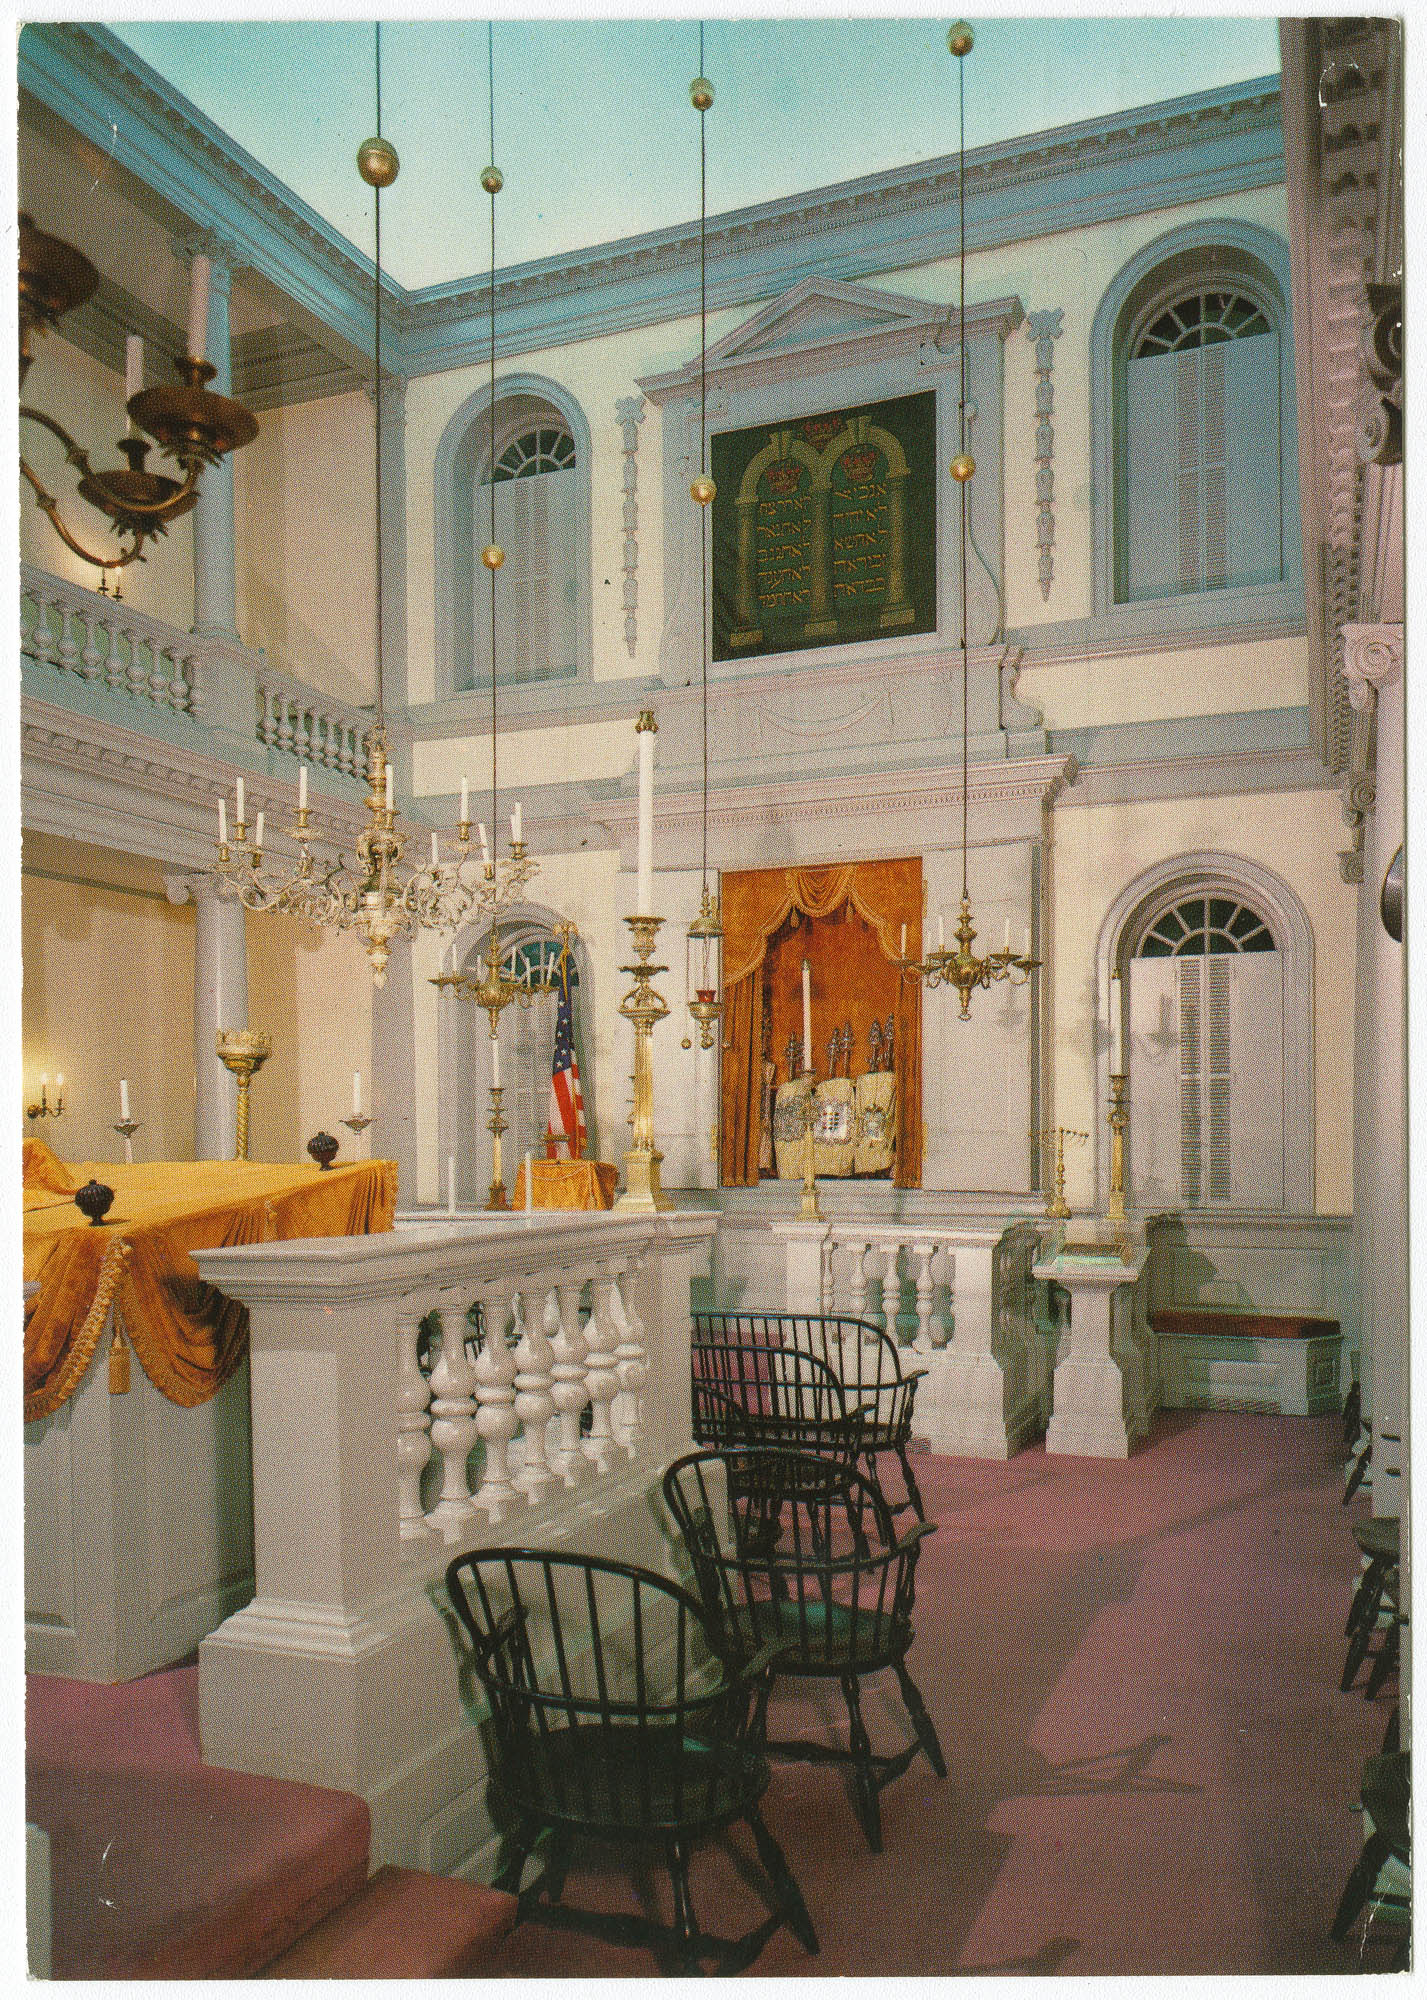 Interior of Touro Synagogue - 1763